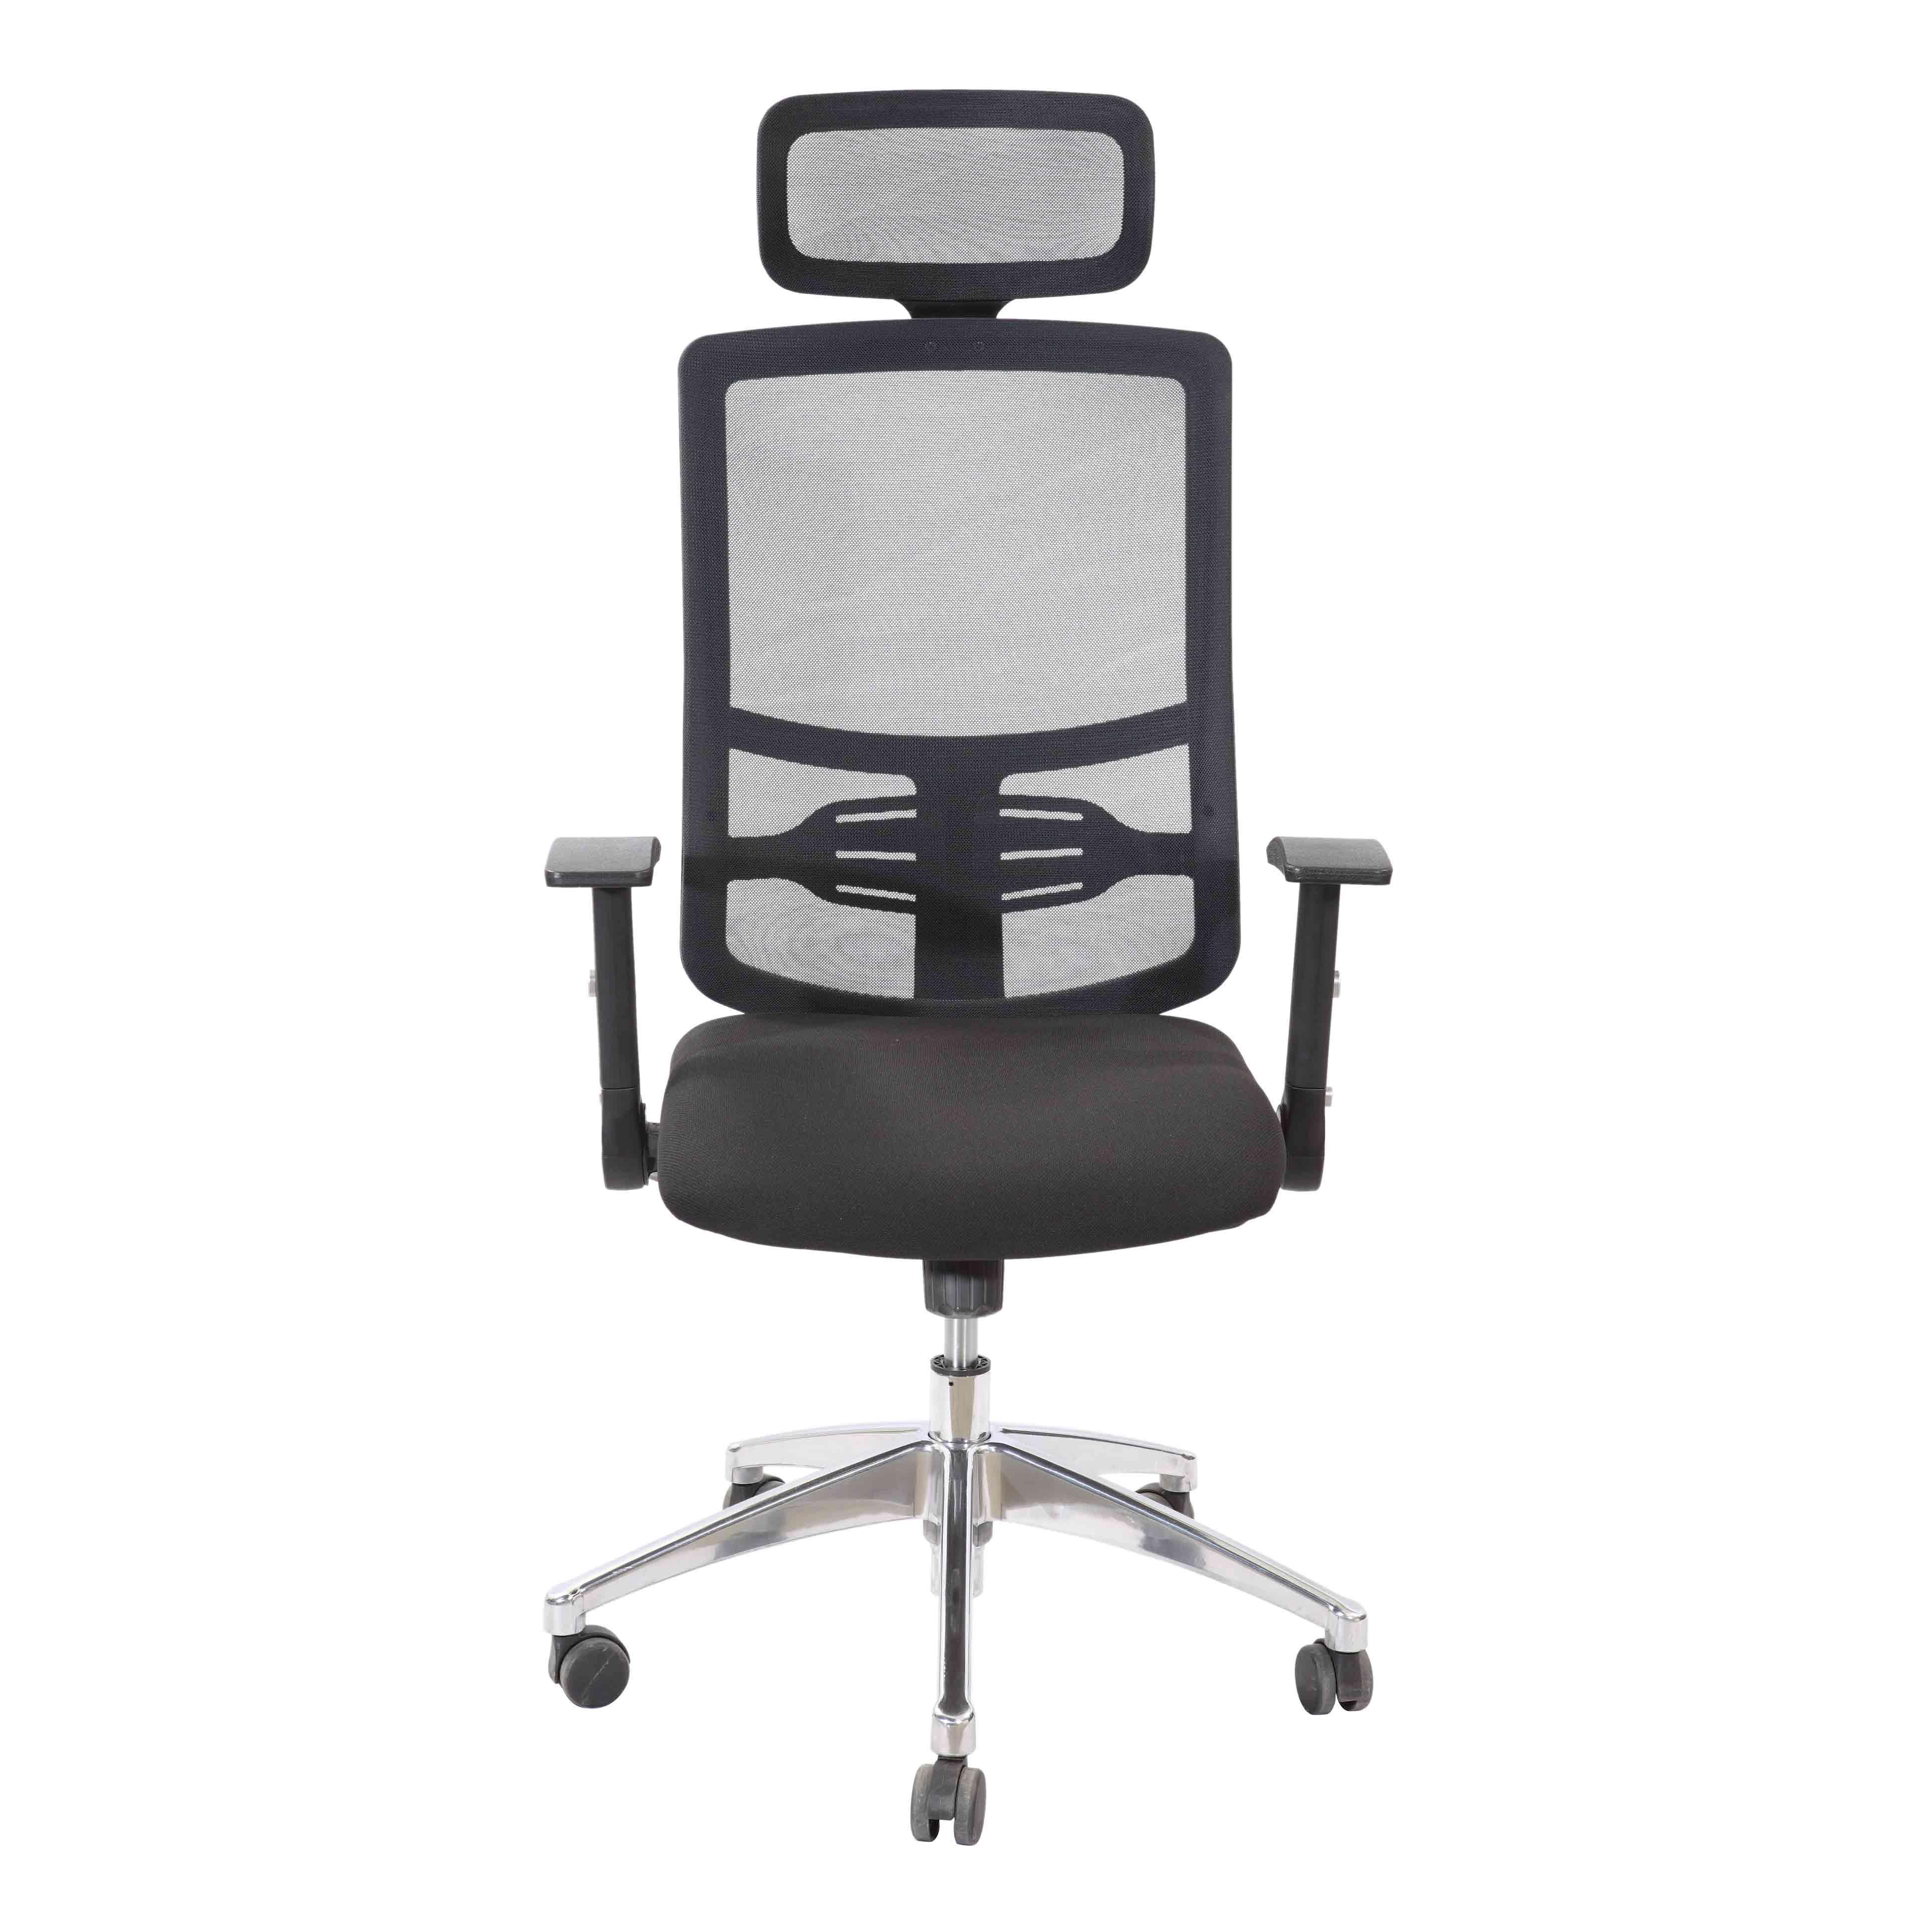 座椅系列网布椅Y-B150108